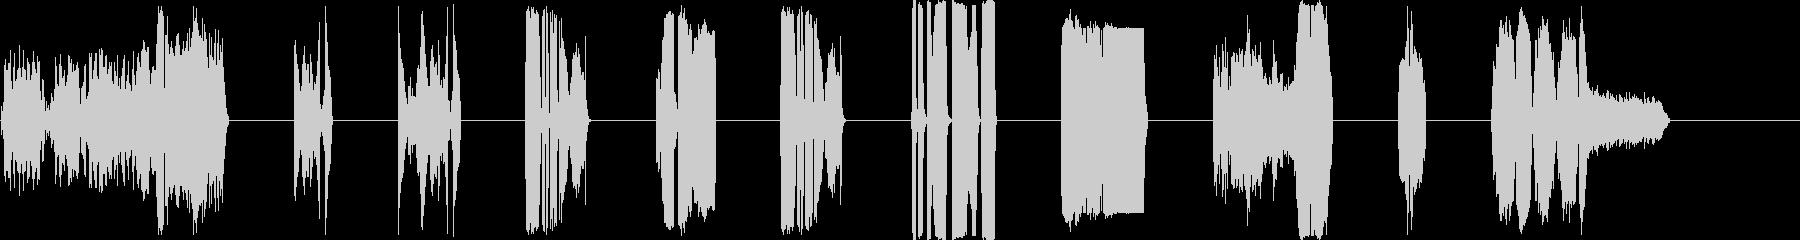 DJ Vinyl Wacklers...の未再生の波形